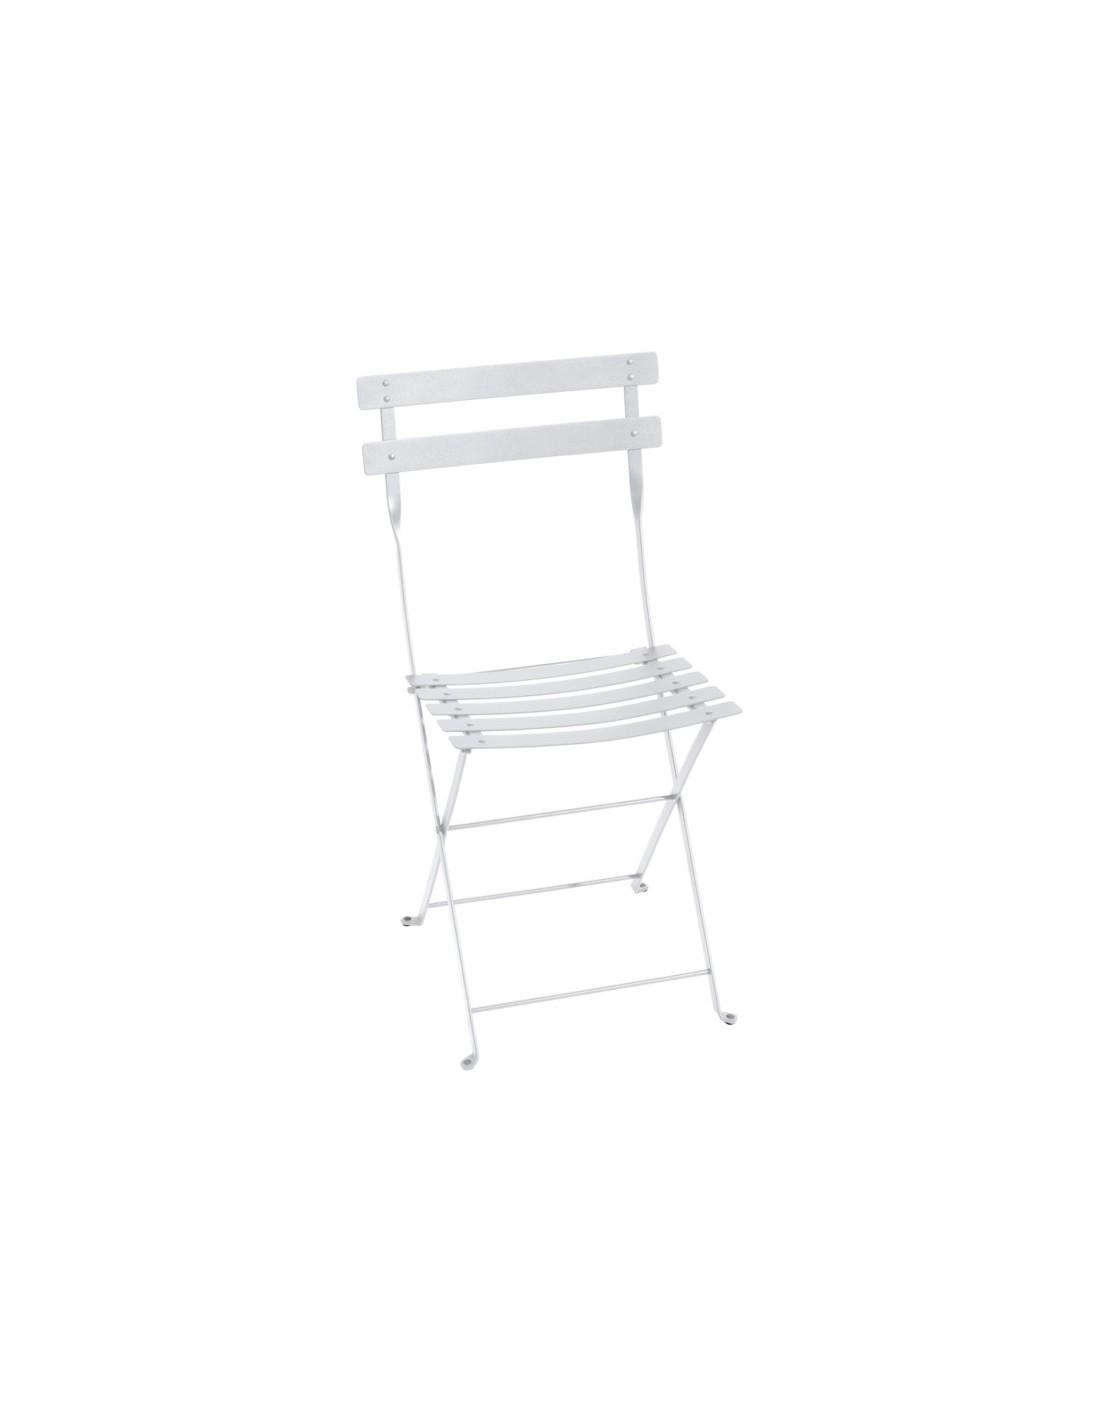 Chaise de jardin pliante bistro m tal coloris au choix fermob - Chaise de jardin fermob ...